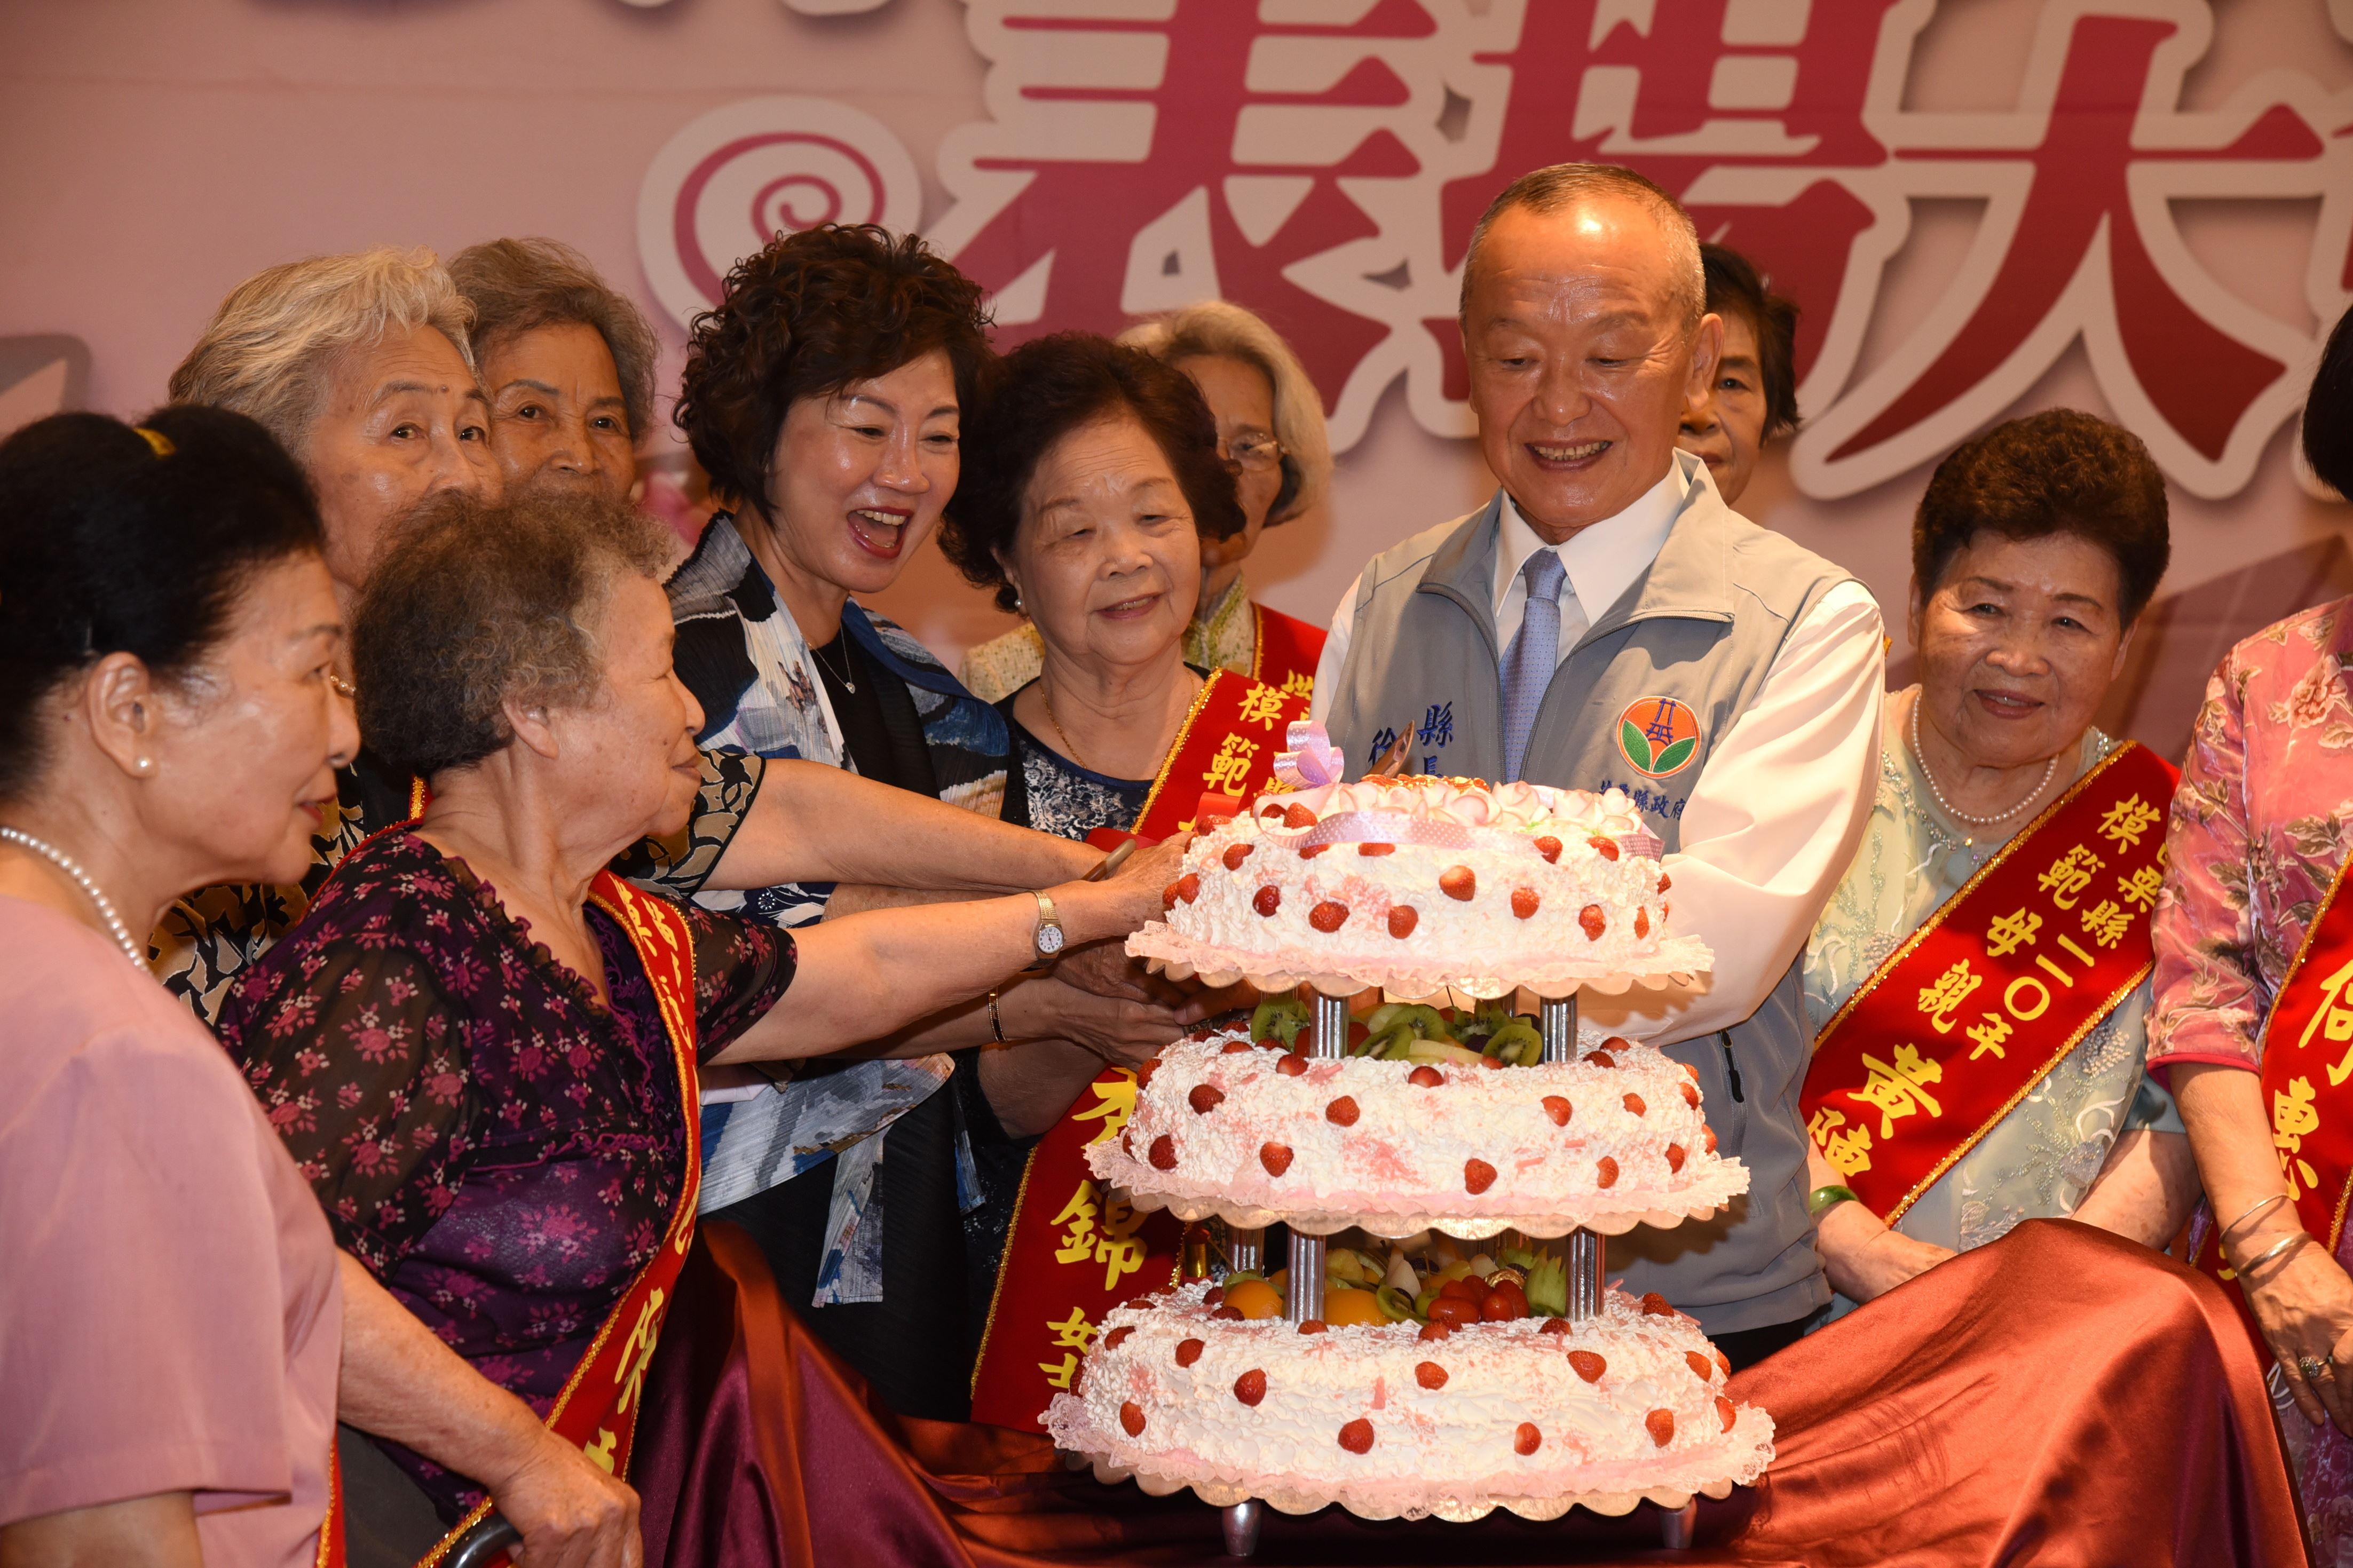 05A縣府-縣長伉儷一起切蛋糕賀節DSC_3687.JPG